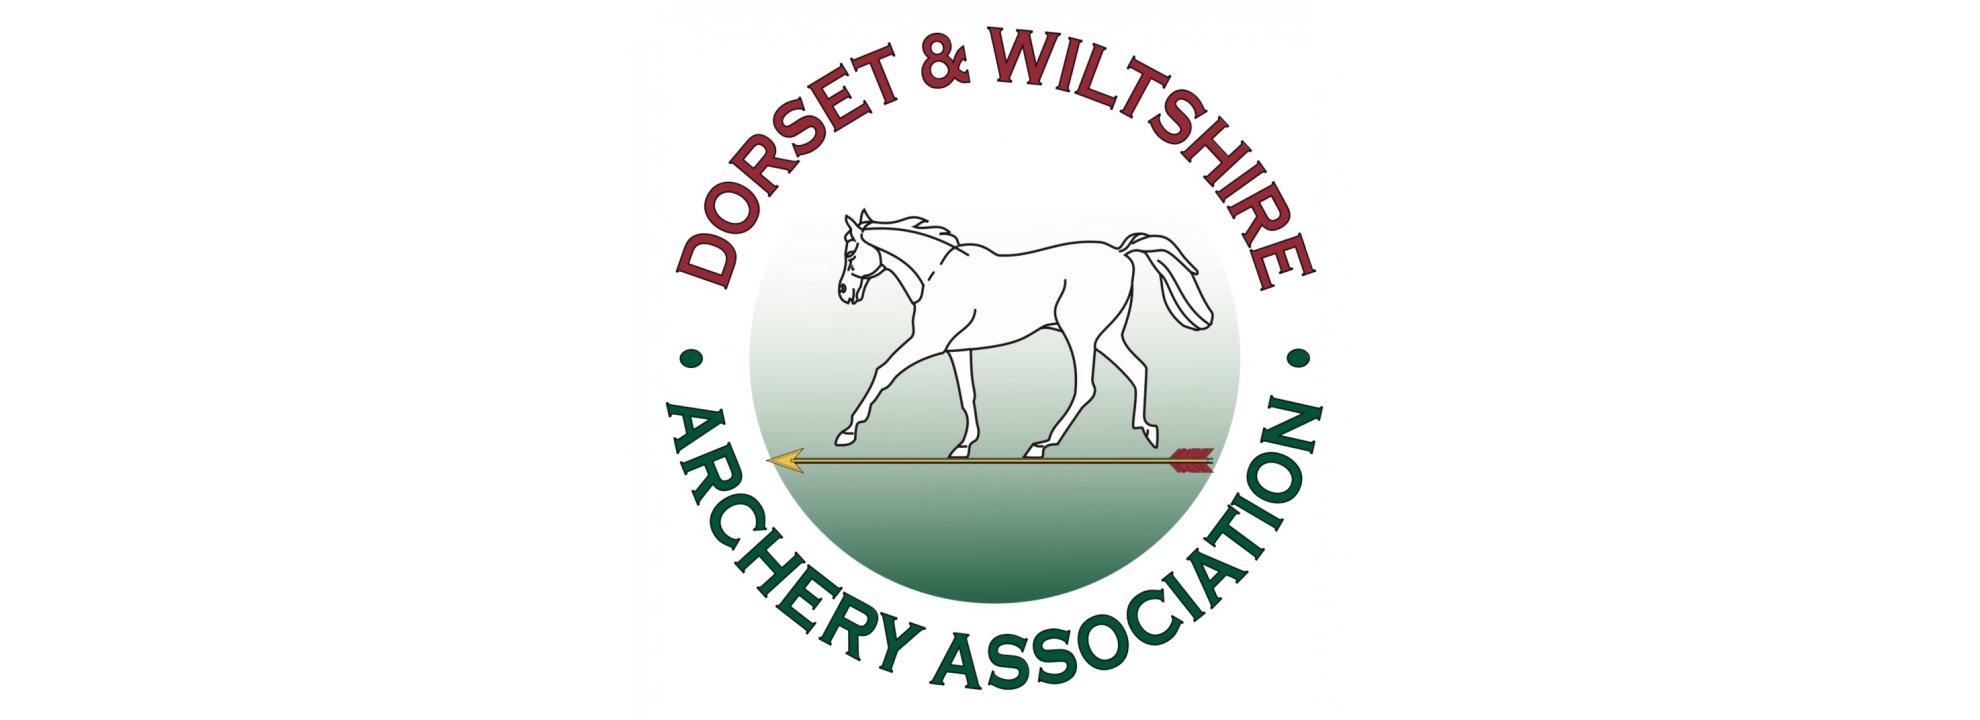 VOLUNTEERS NEEDED: DORSET & WILTSHIRE ARCHERY ASSOCIATION Banner